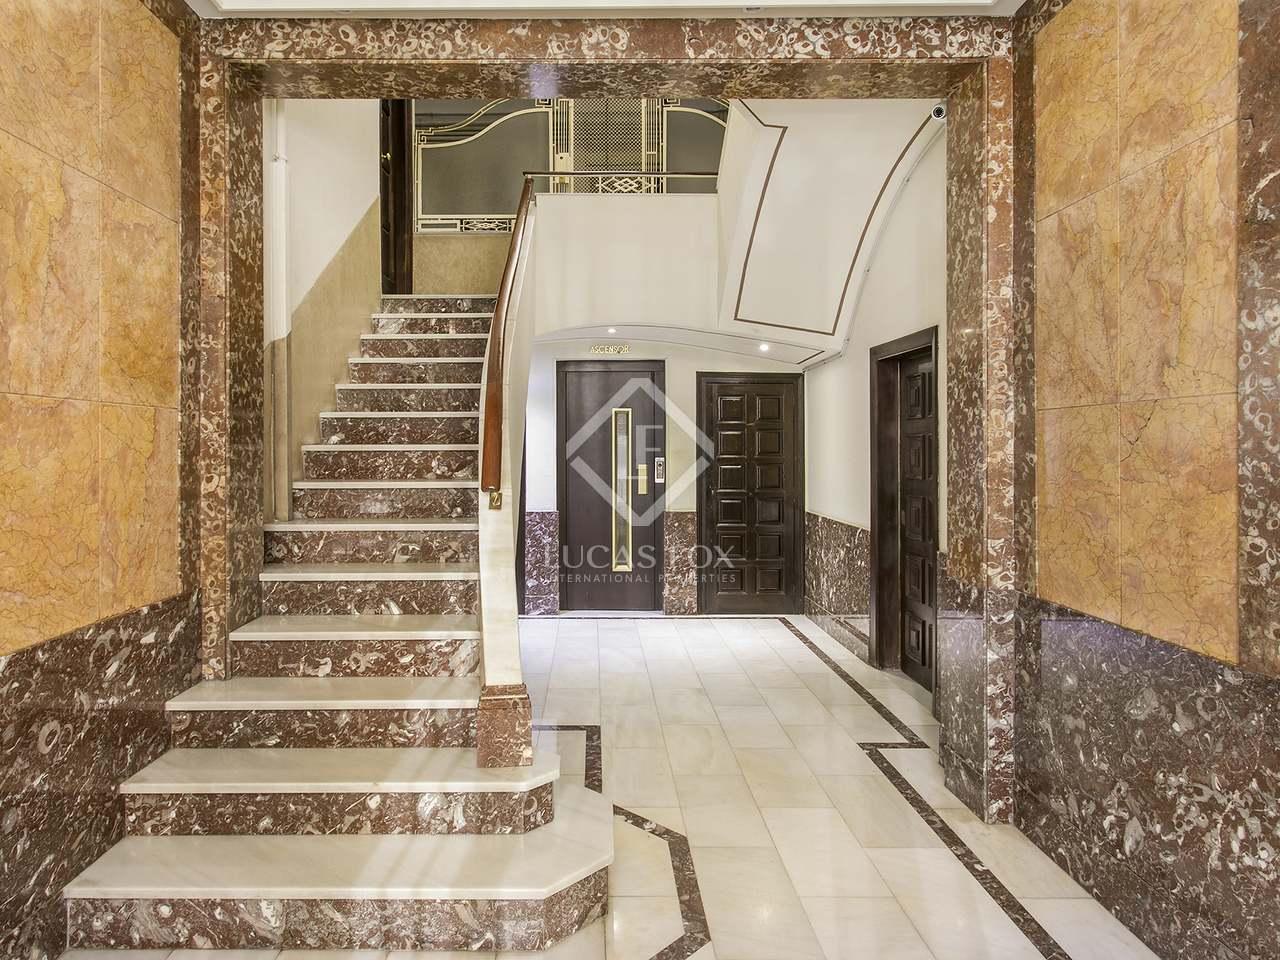 Piso de 107m en alquiler en sarri barcelona for Alquiler piso sarria barcelona